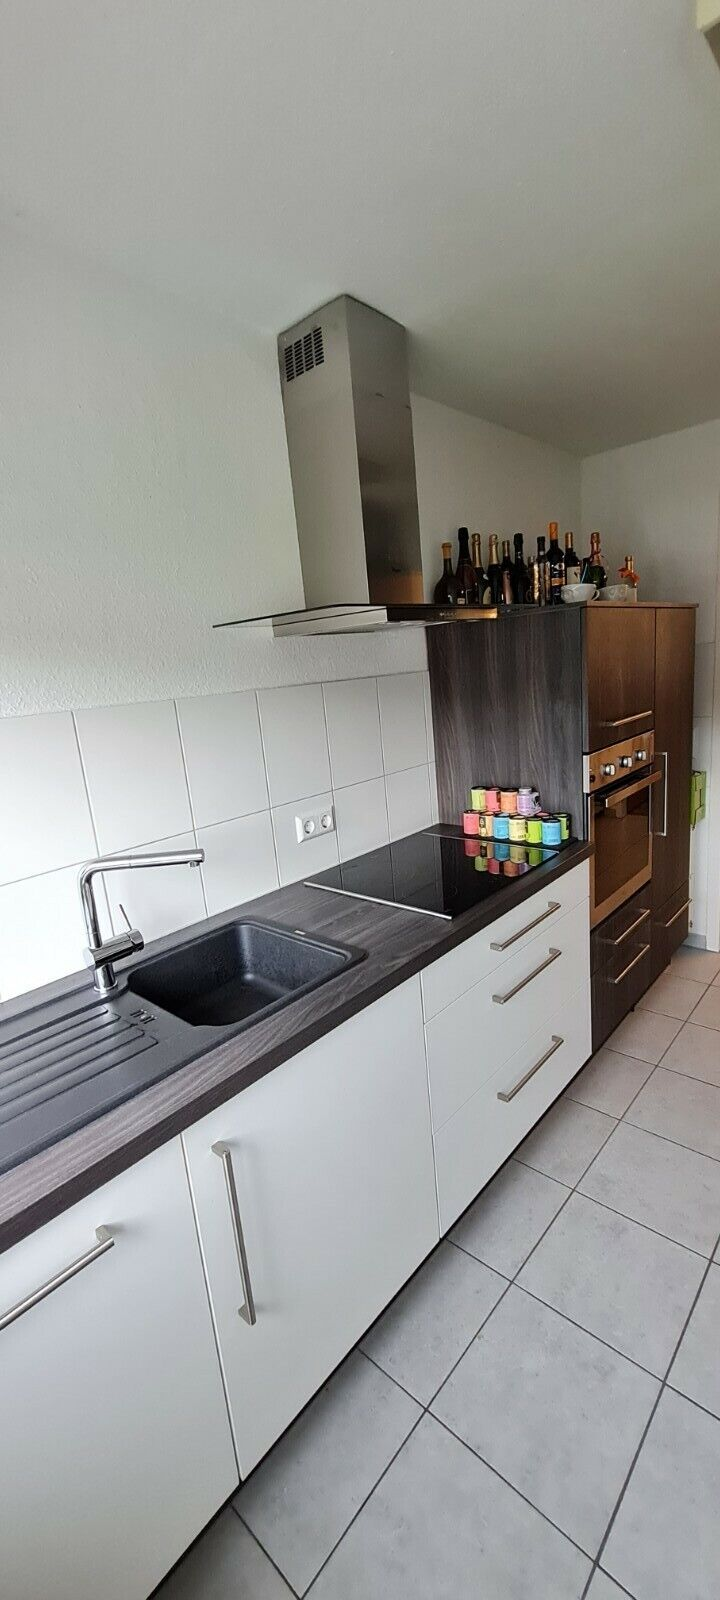 Moderne Küche mit Einbauelementeninklusive Elektrogeräten,Backofen&Spülmaschine